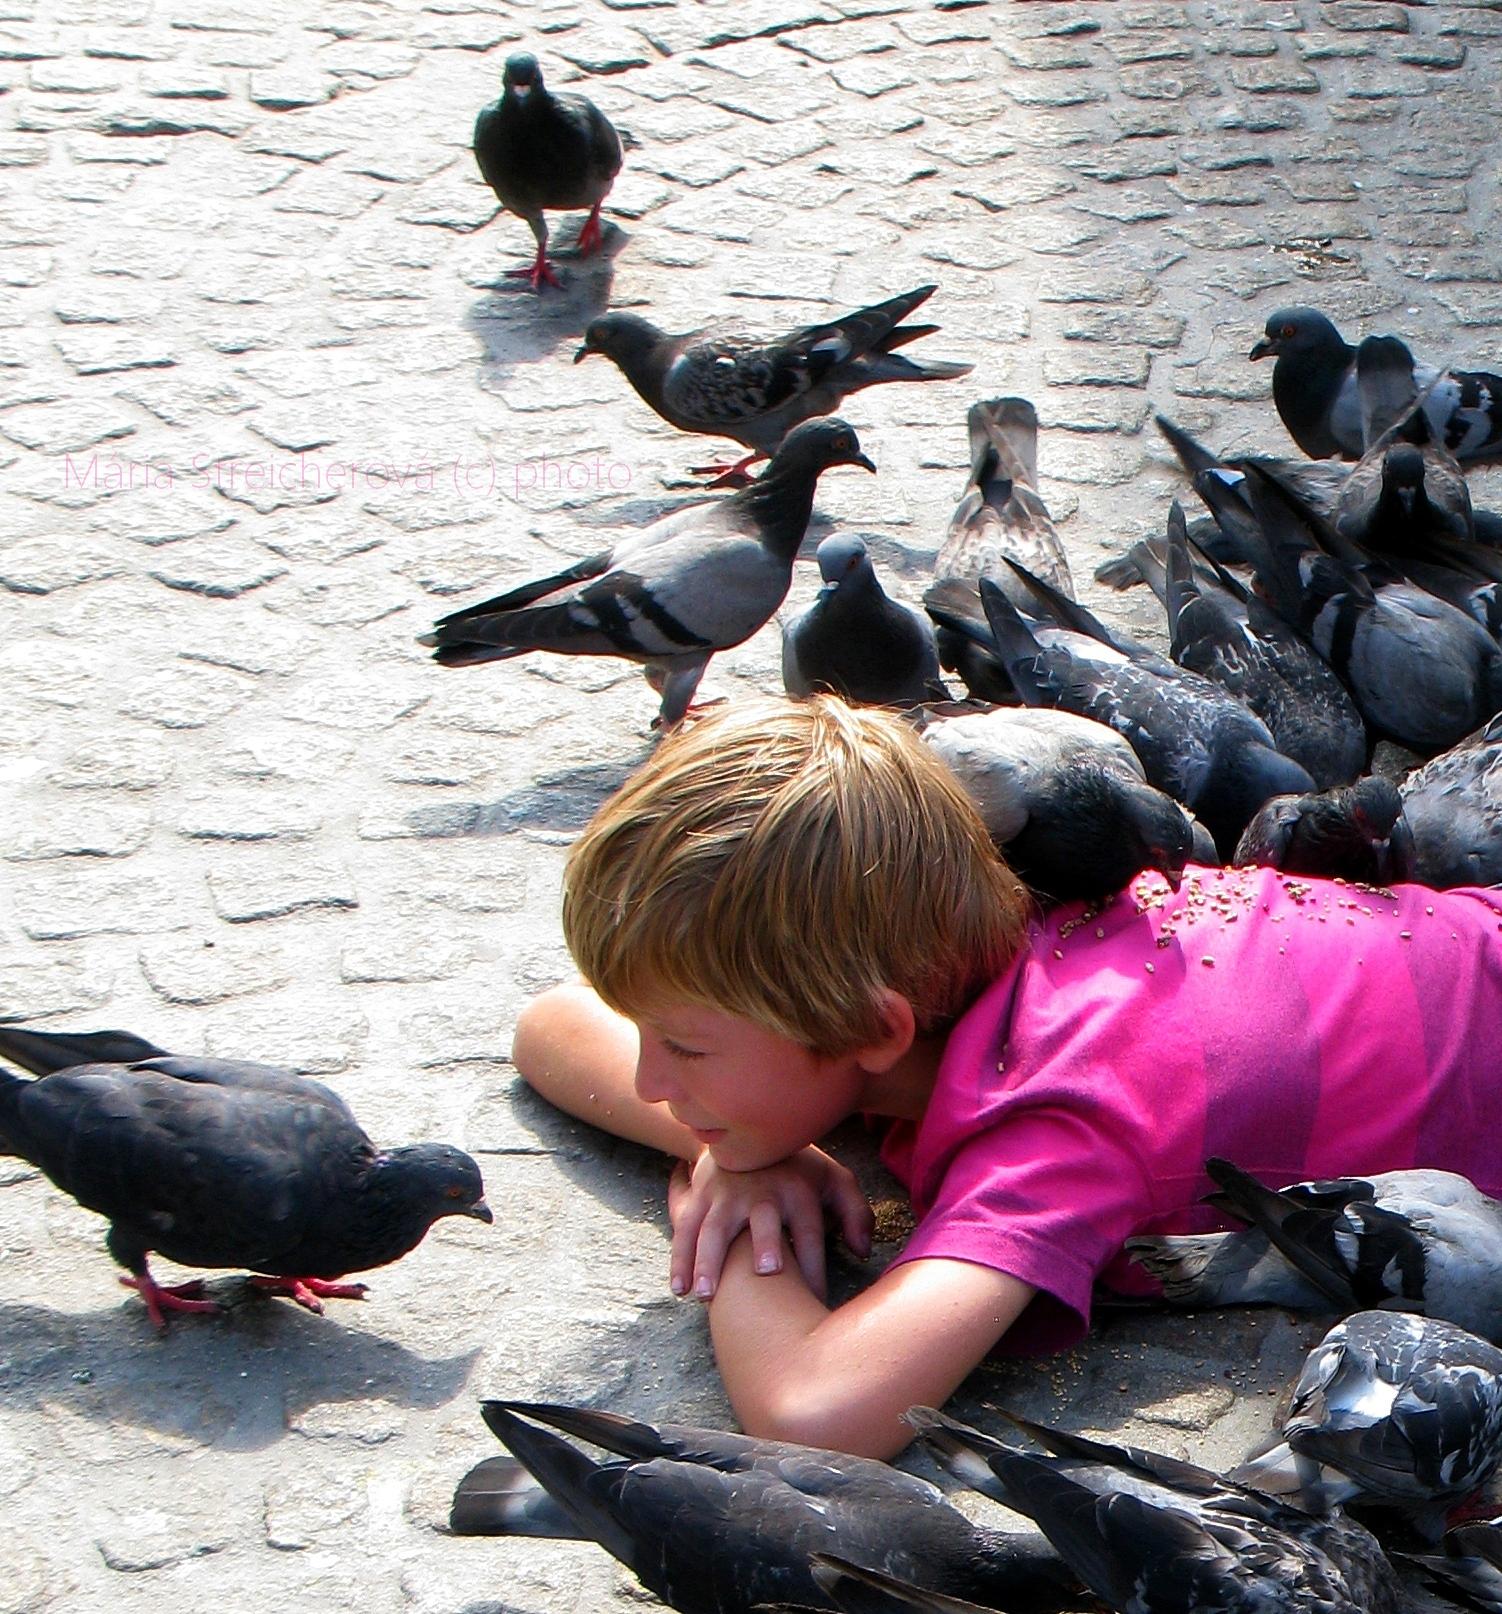 Chlapec ležiaci na bruchu na námestí v Amsterdame. Holuby zobkajúce zrno z jeho chrbáta.